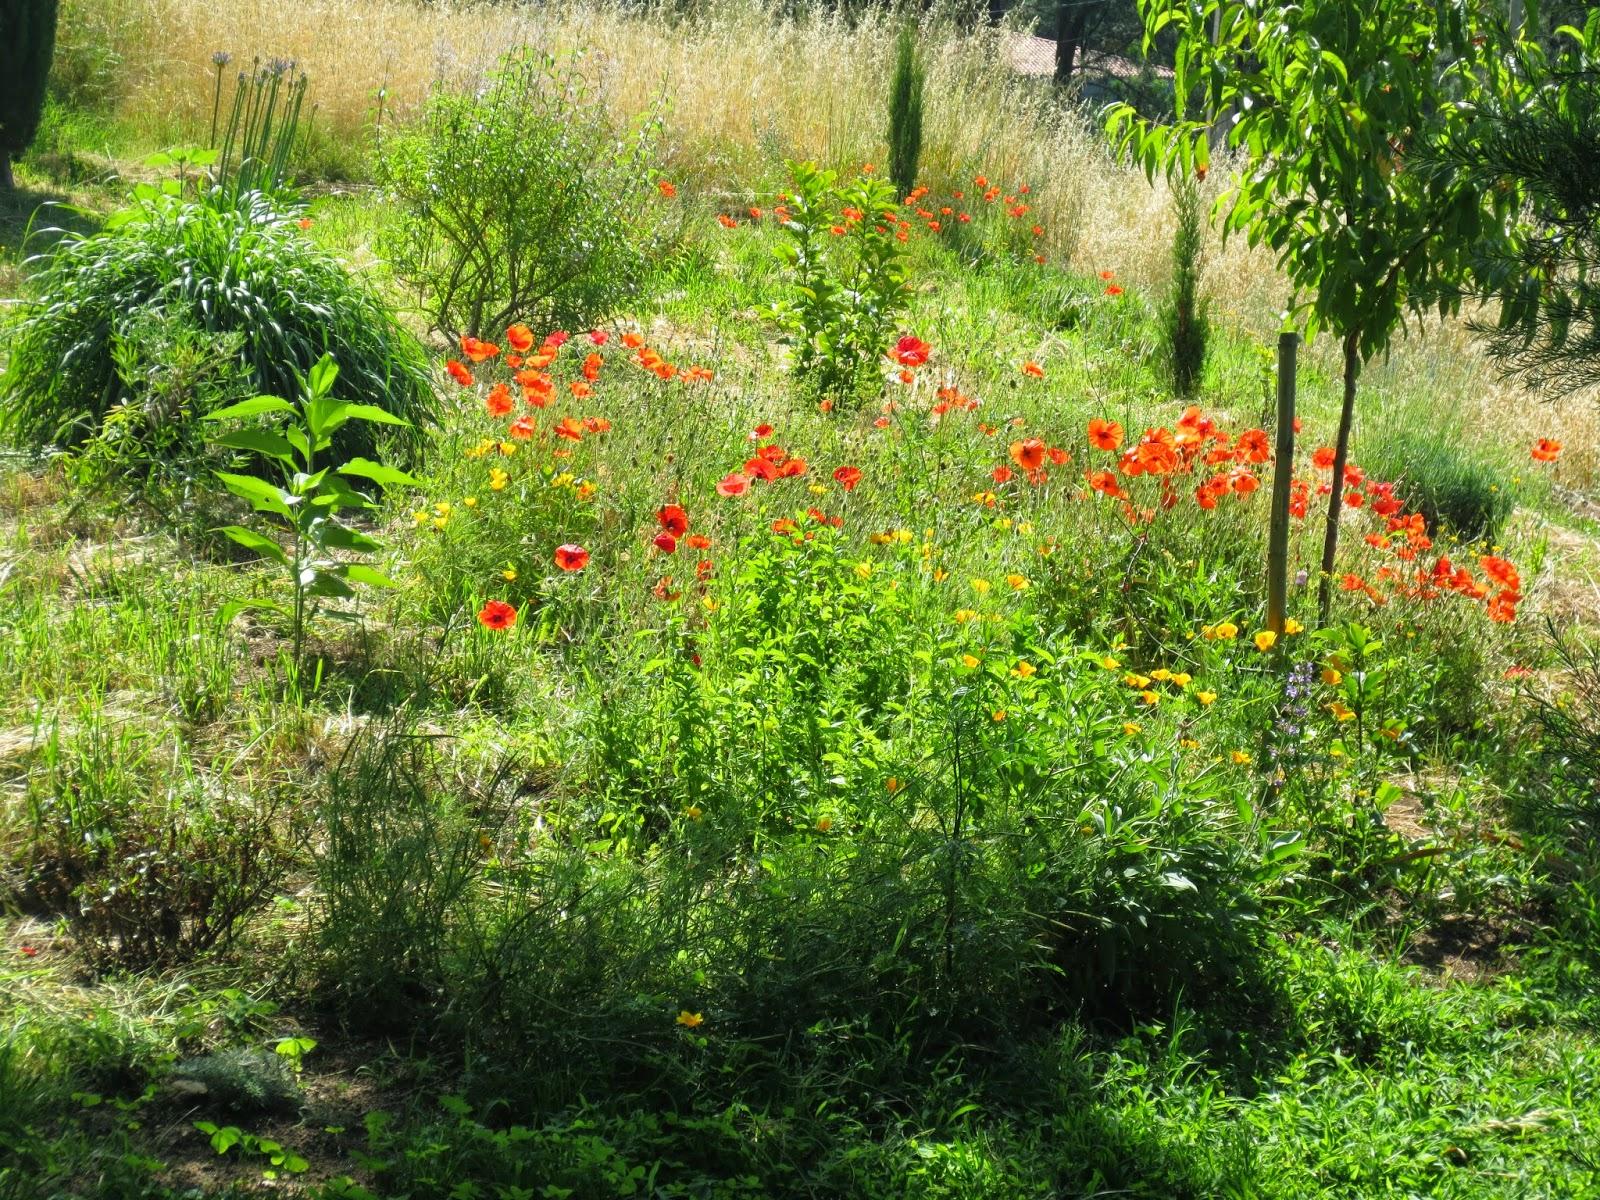 Color salud arteterapia el huerto de plantas aromaticas - Huerto de plantas aromaticas ...